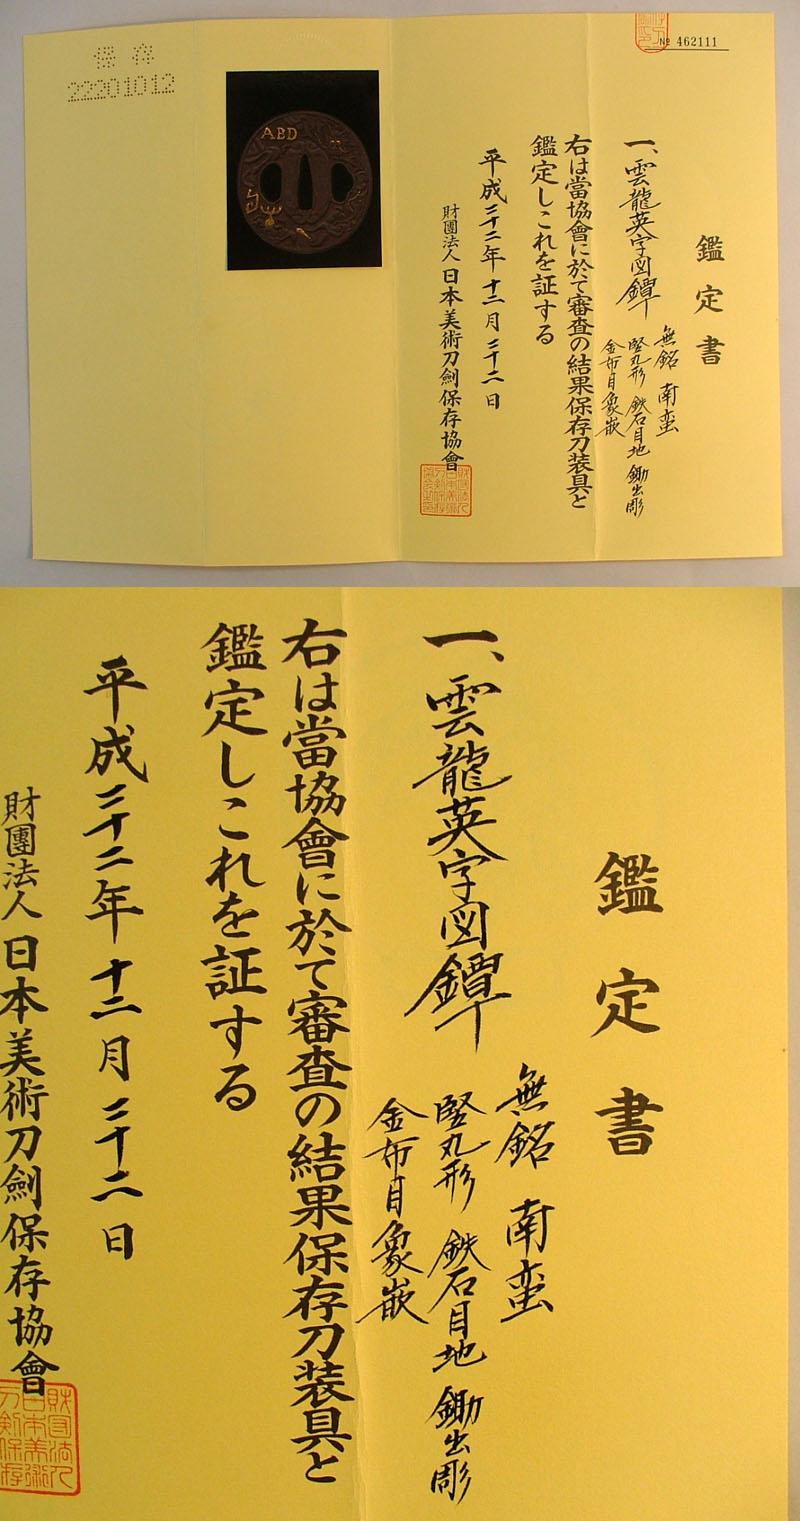 雲龍英字図鐔 無銘 南蛮鑑定書画像